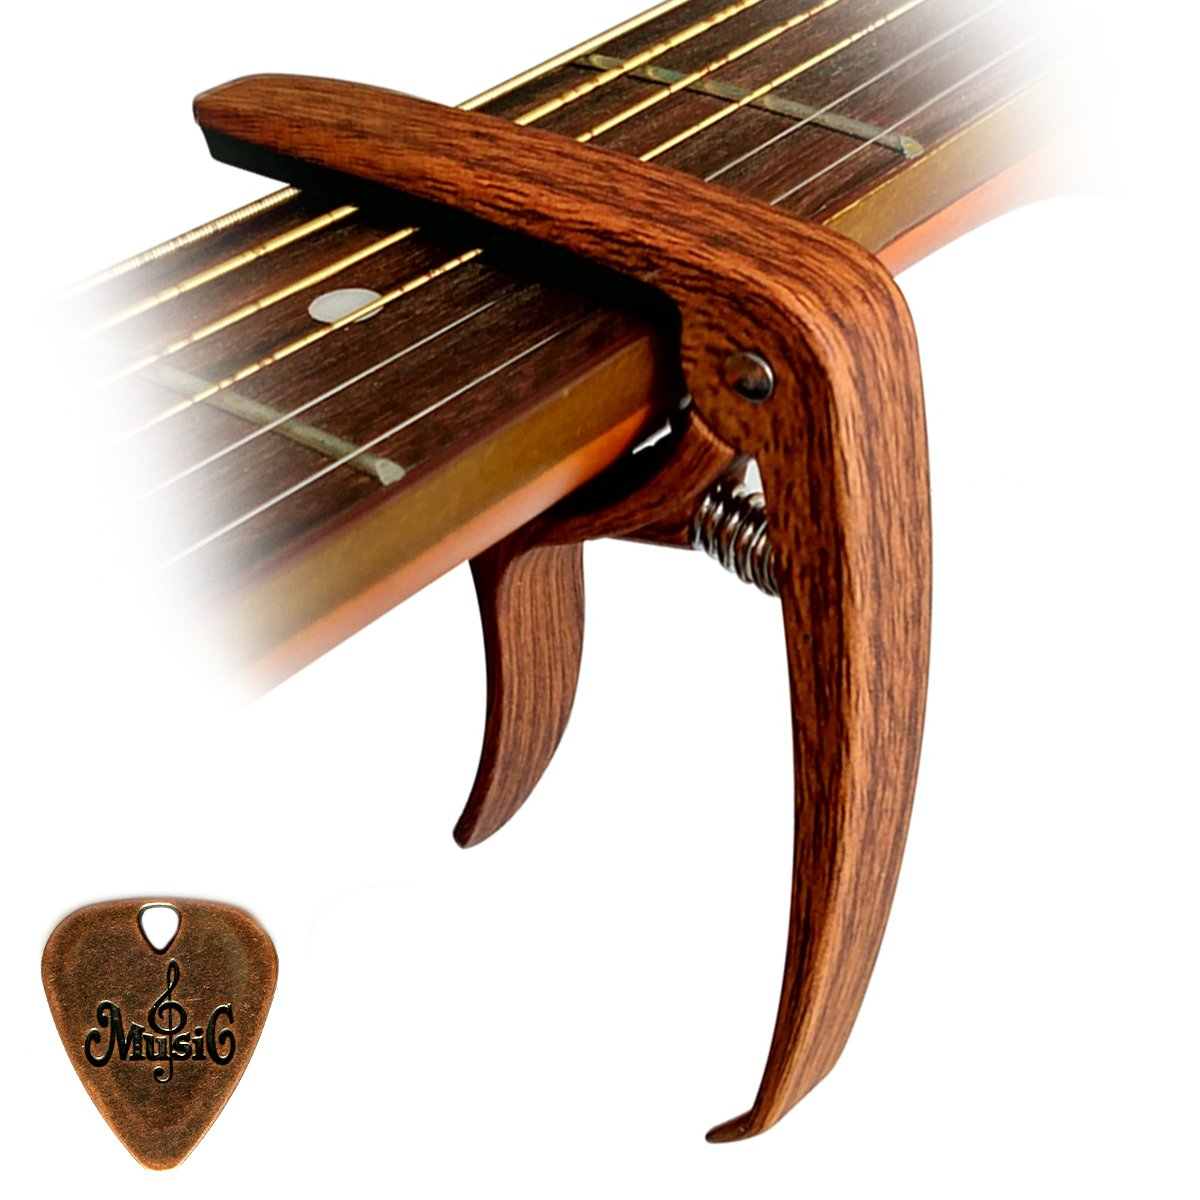 Cantus Capodastre pour guitare Alliage de Zinc Couleur Bois avec broches Extracteur